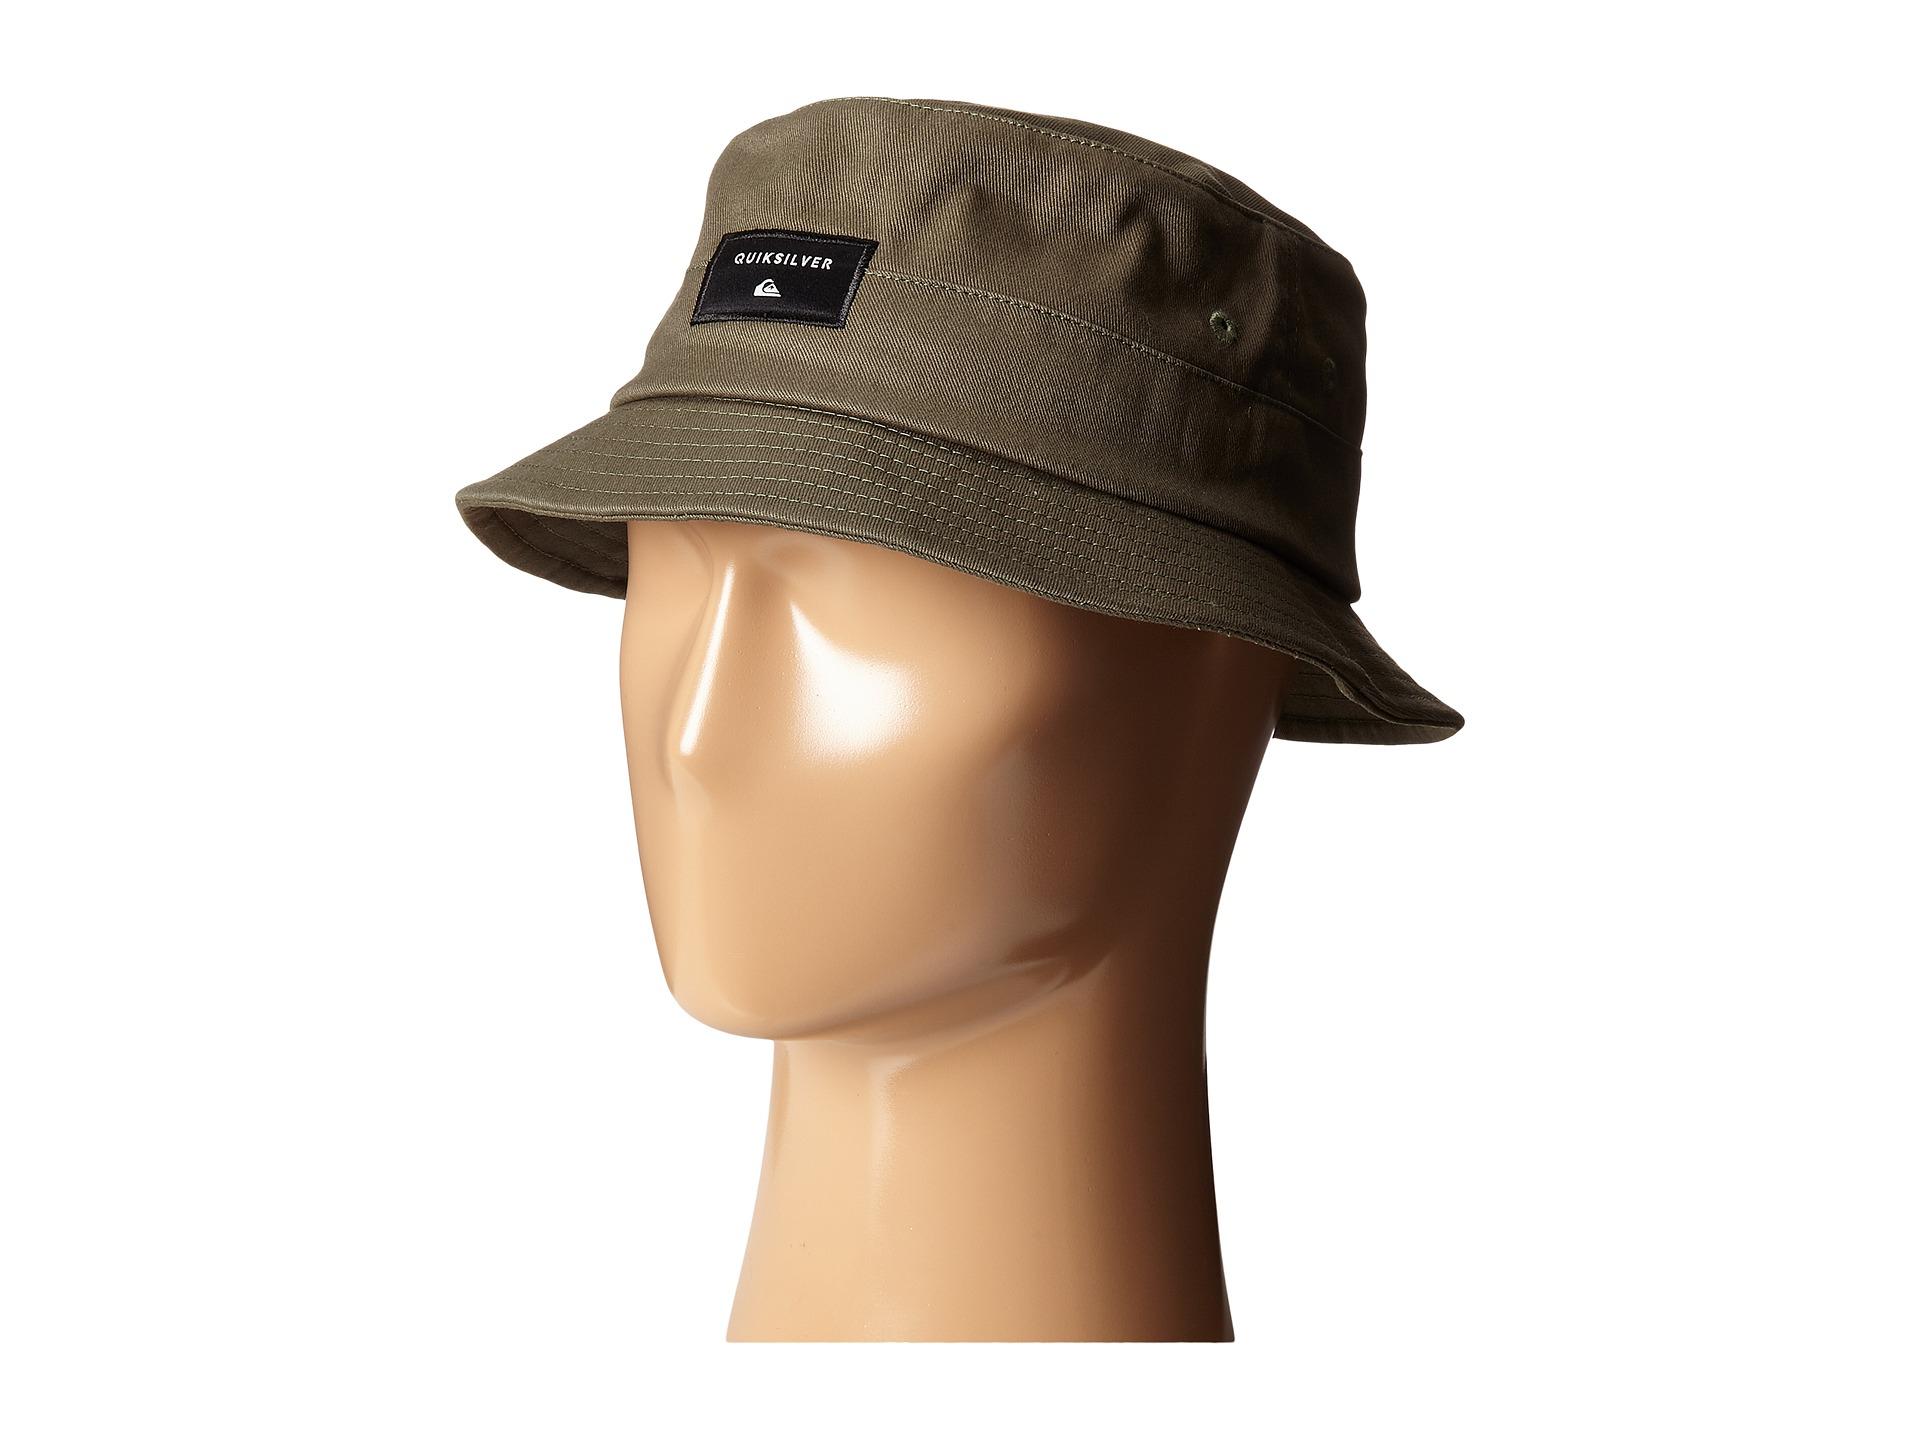 Lyst - Quiksilver Stuckit Bucket Hat for Men a7ac235f548